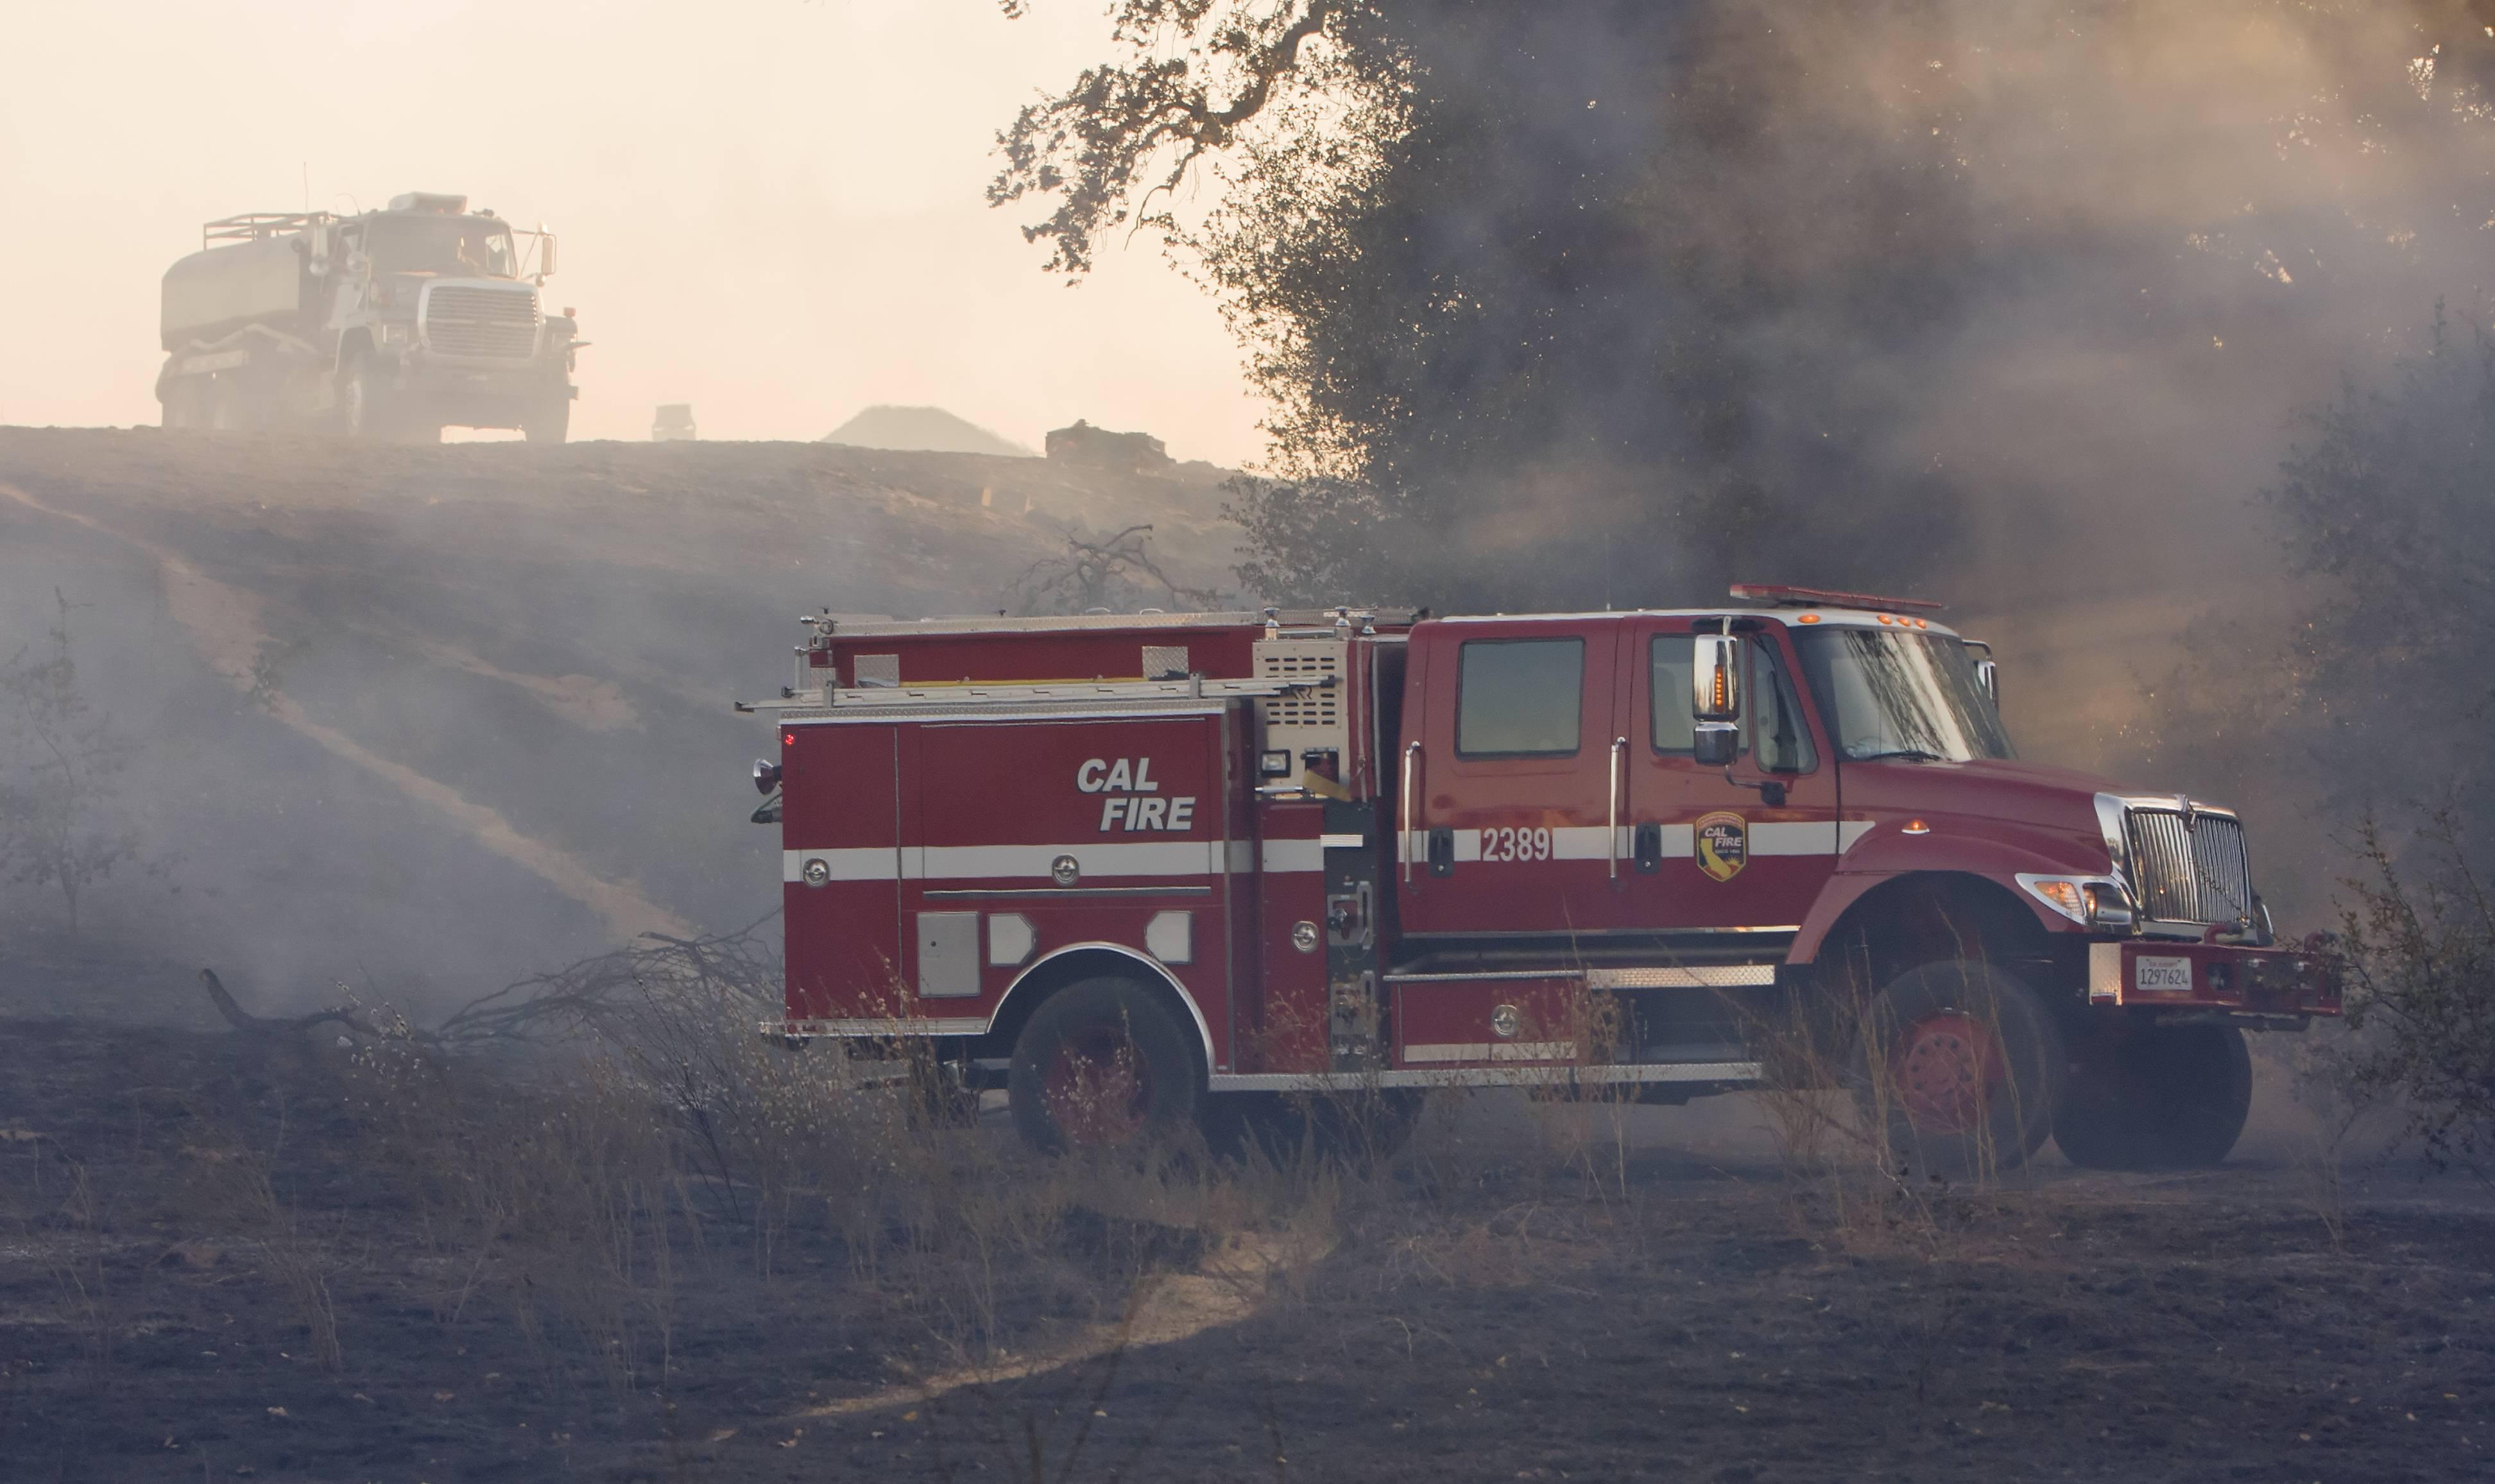 Fire Truck Wallpapers 3888x2313